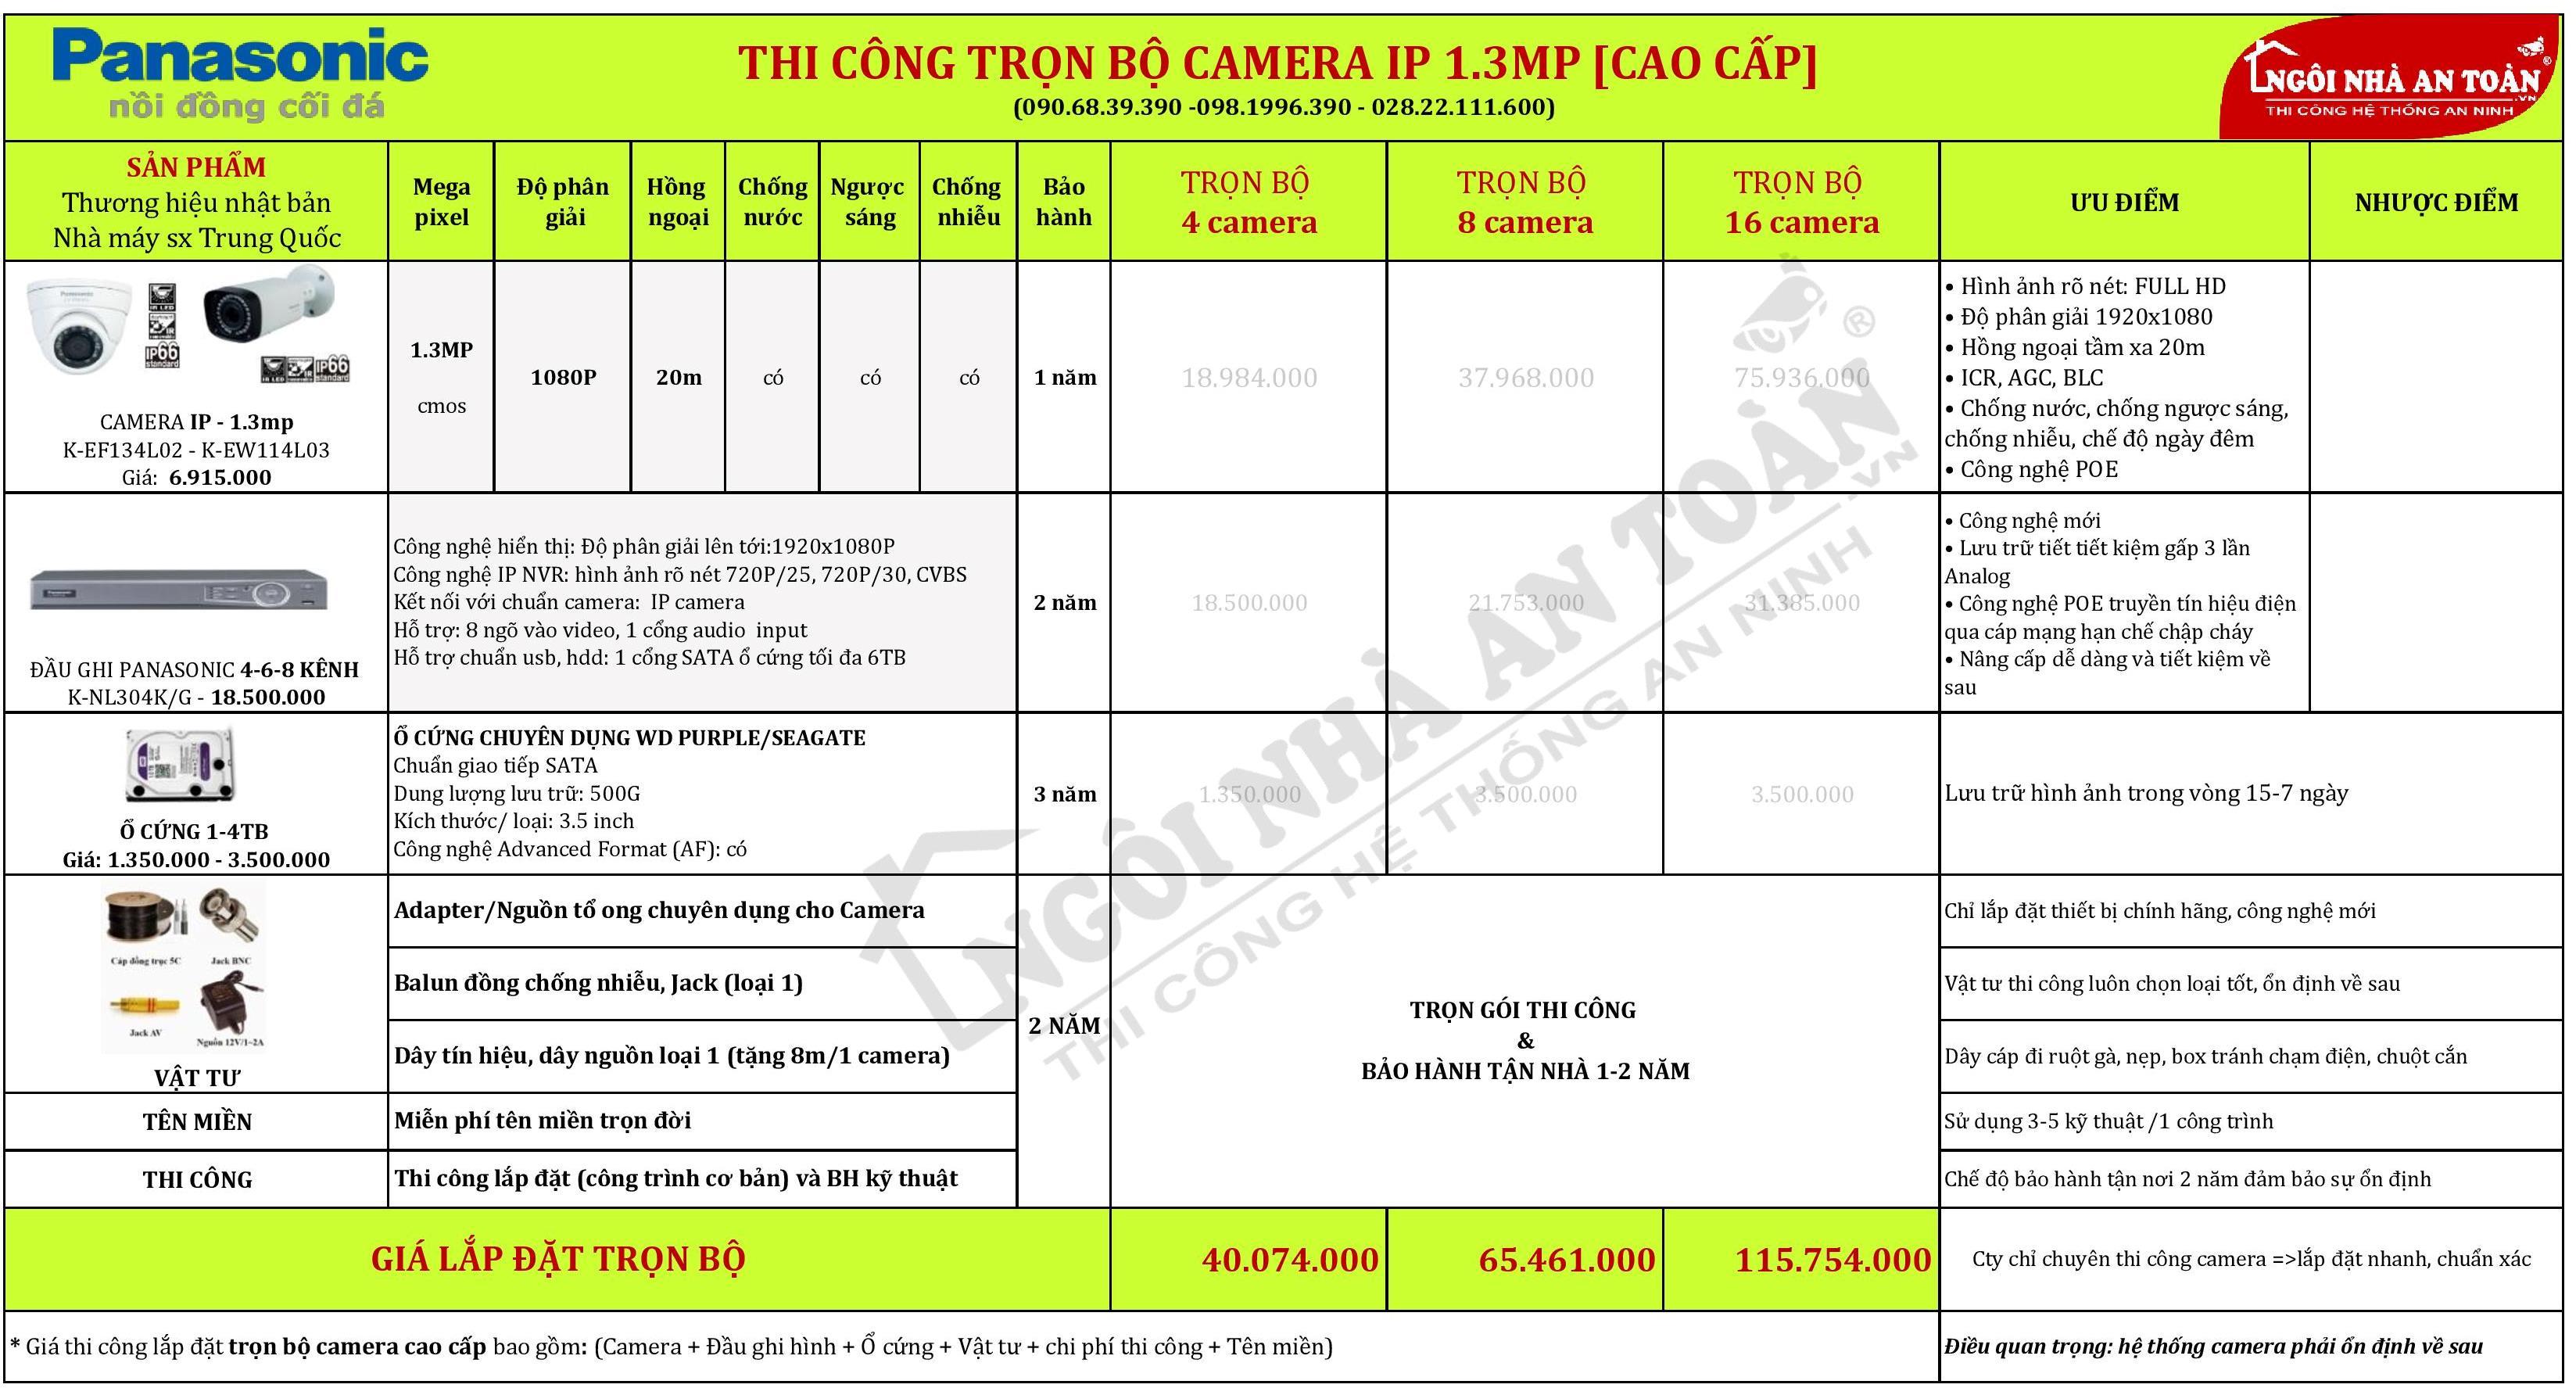 Báo giá lắp đặt camera trọn bộ cao cấp Panasonic